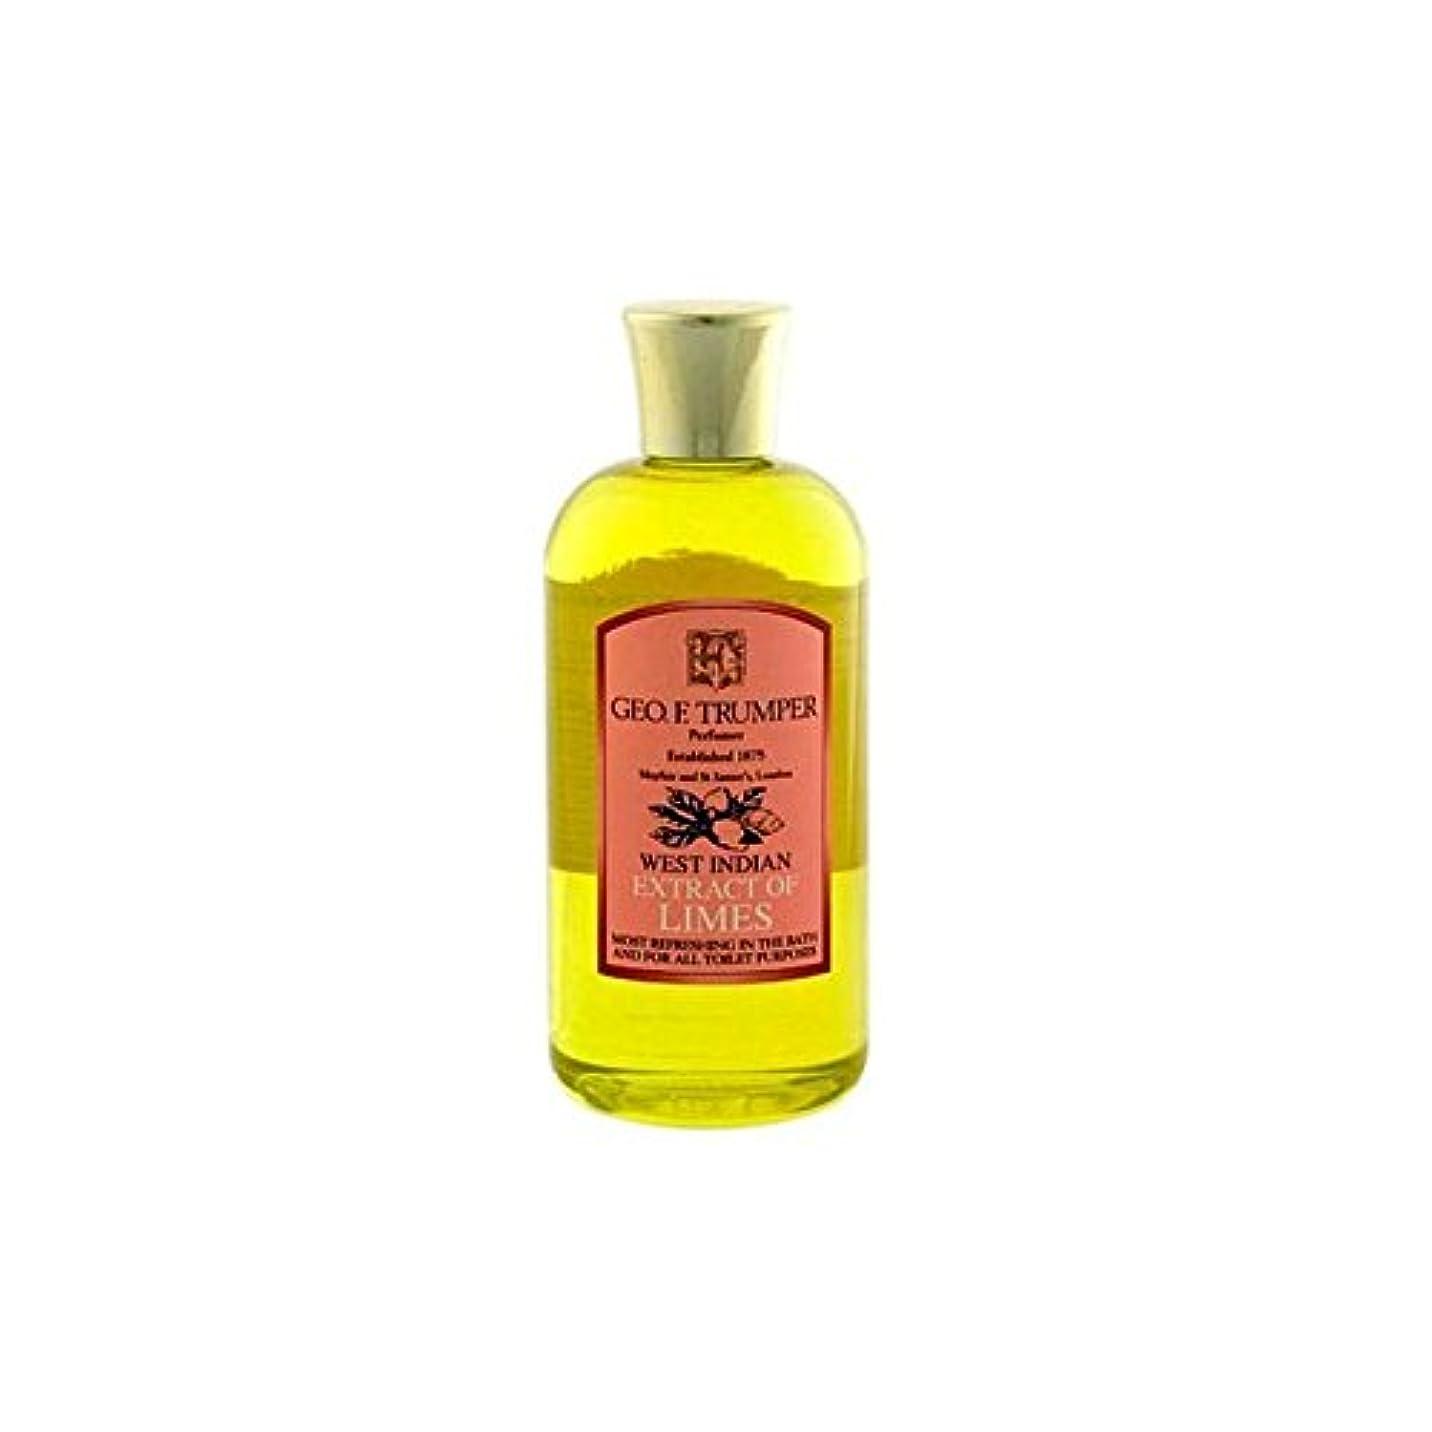 デコレーション追跡罰するライムのバスタブとシャワージェル200の抽出物を x4 - Trumpers Extracts of Limes Bath and Shower Gel 200ml (Pack of 4) [並行輸入品]